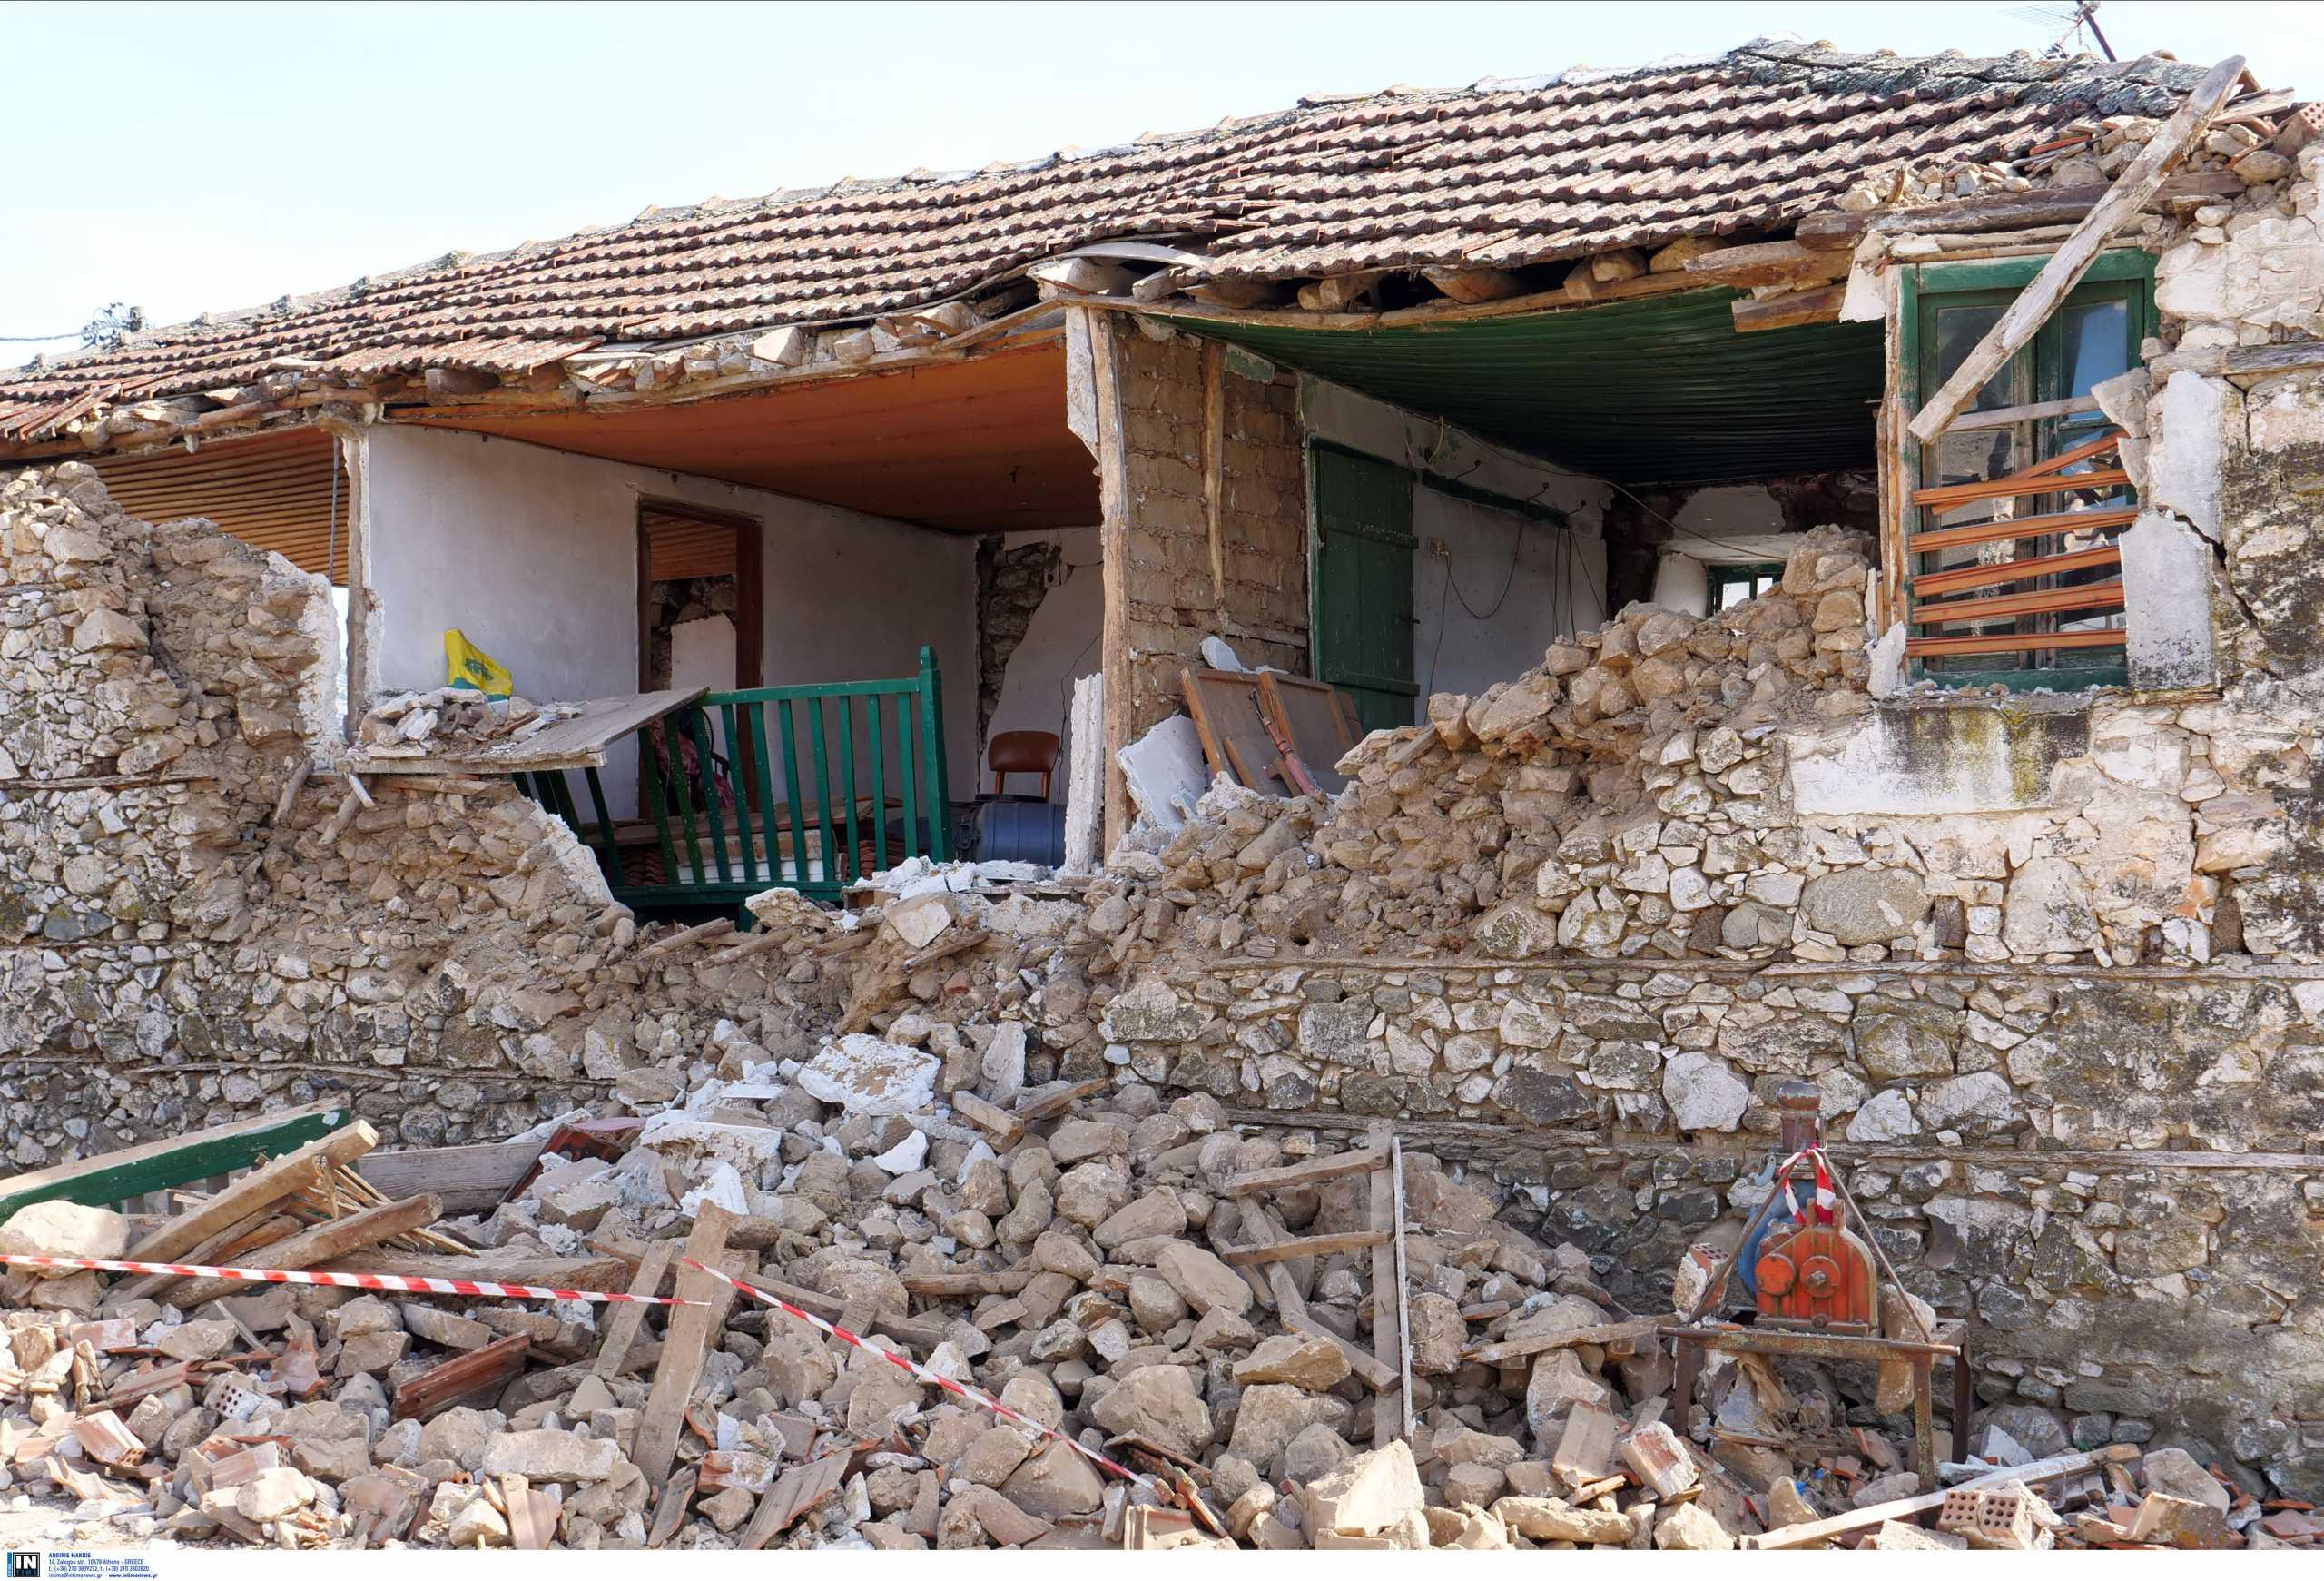 Σεισμός στην Ελασσόνα: Τι λένε οι σεισμολόγοι